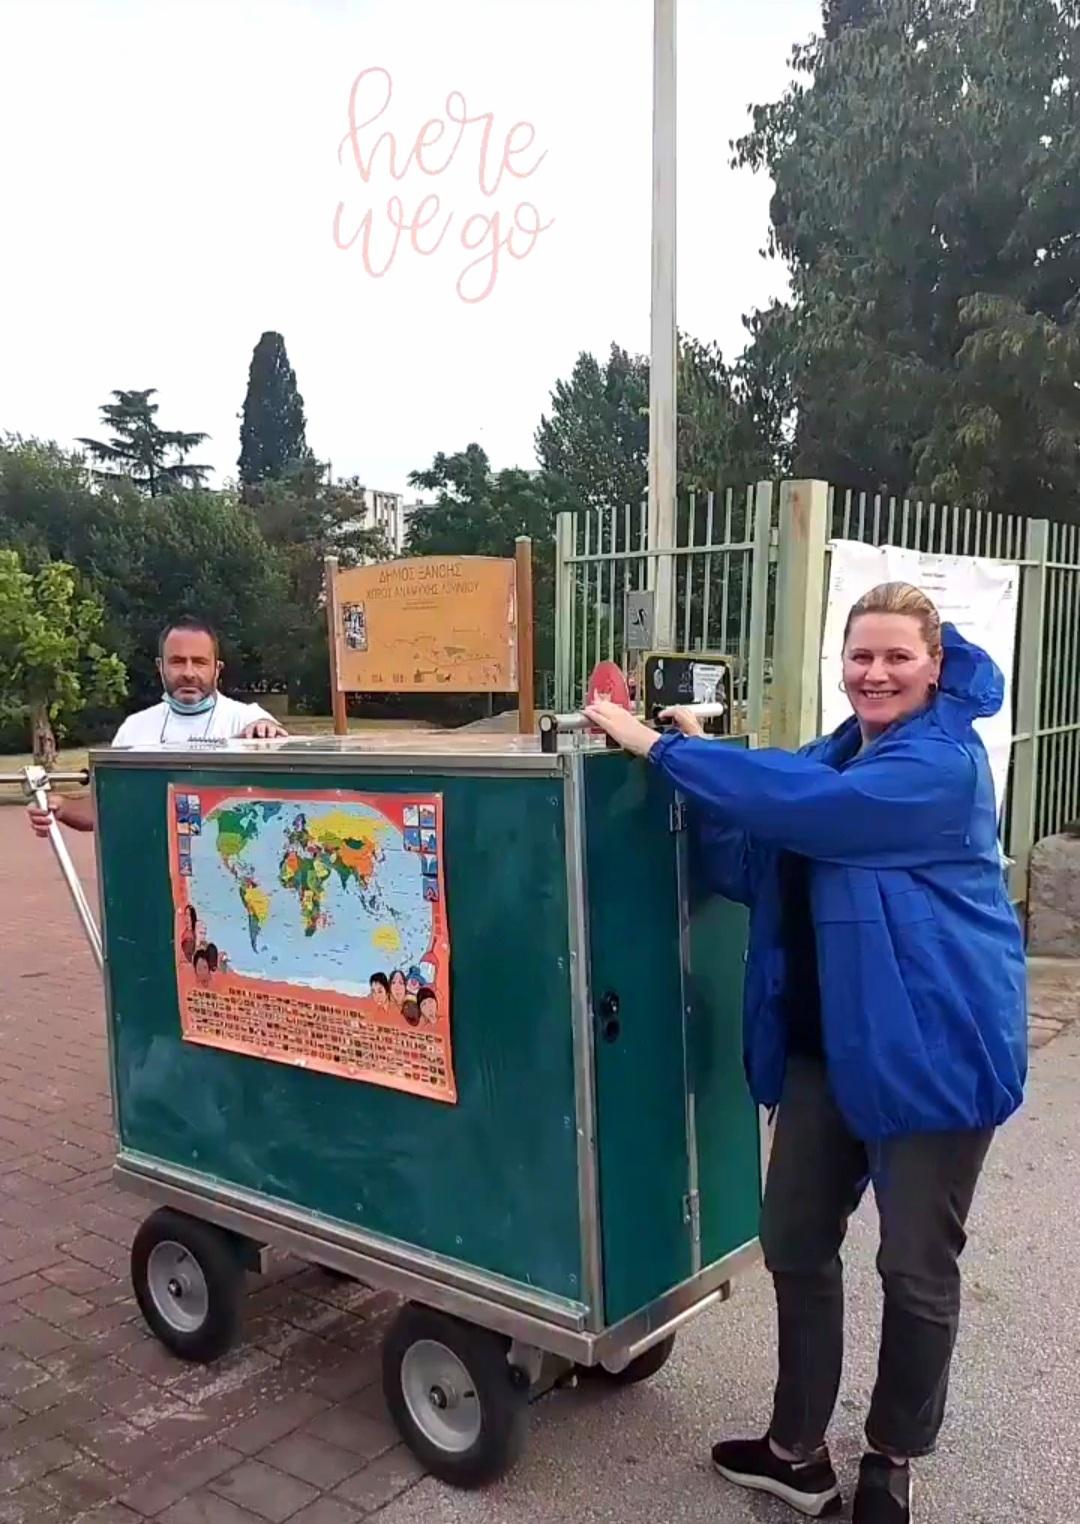 Πλούσια η εβδομάδα για το έργο «Το Mobile School Ταξιδεύει»